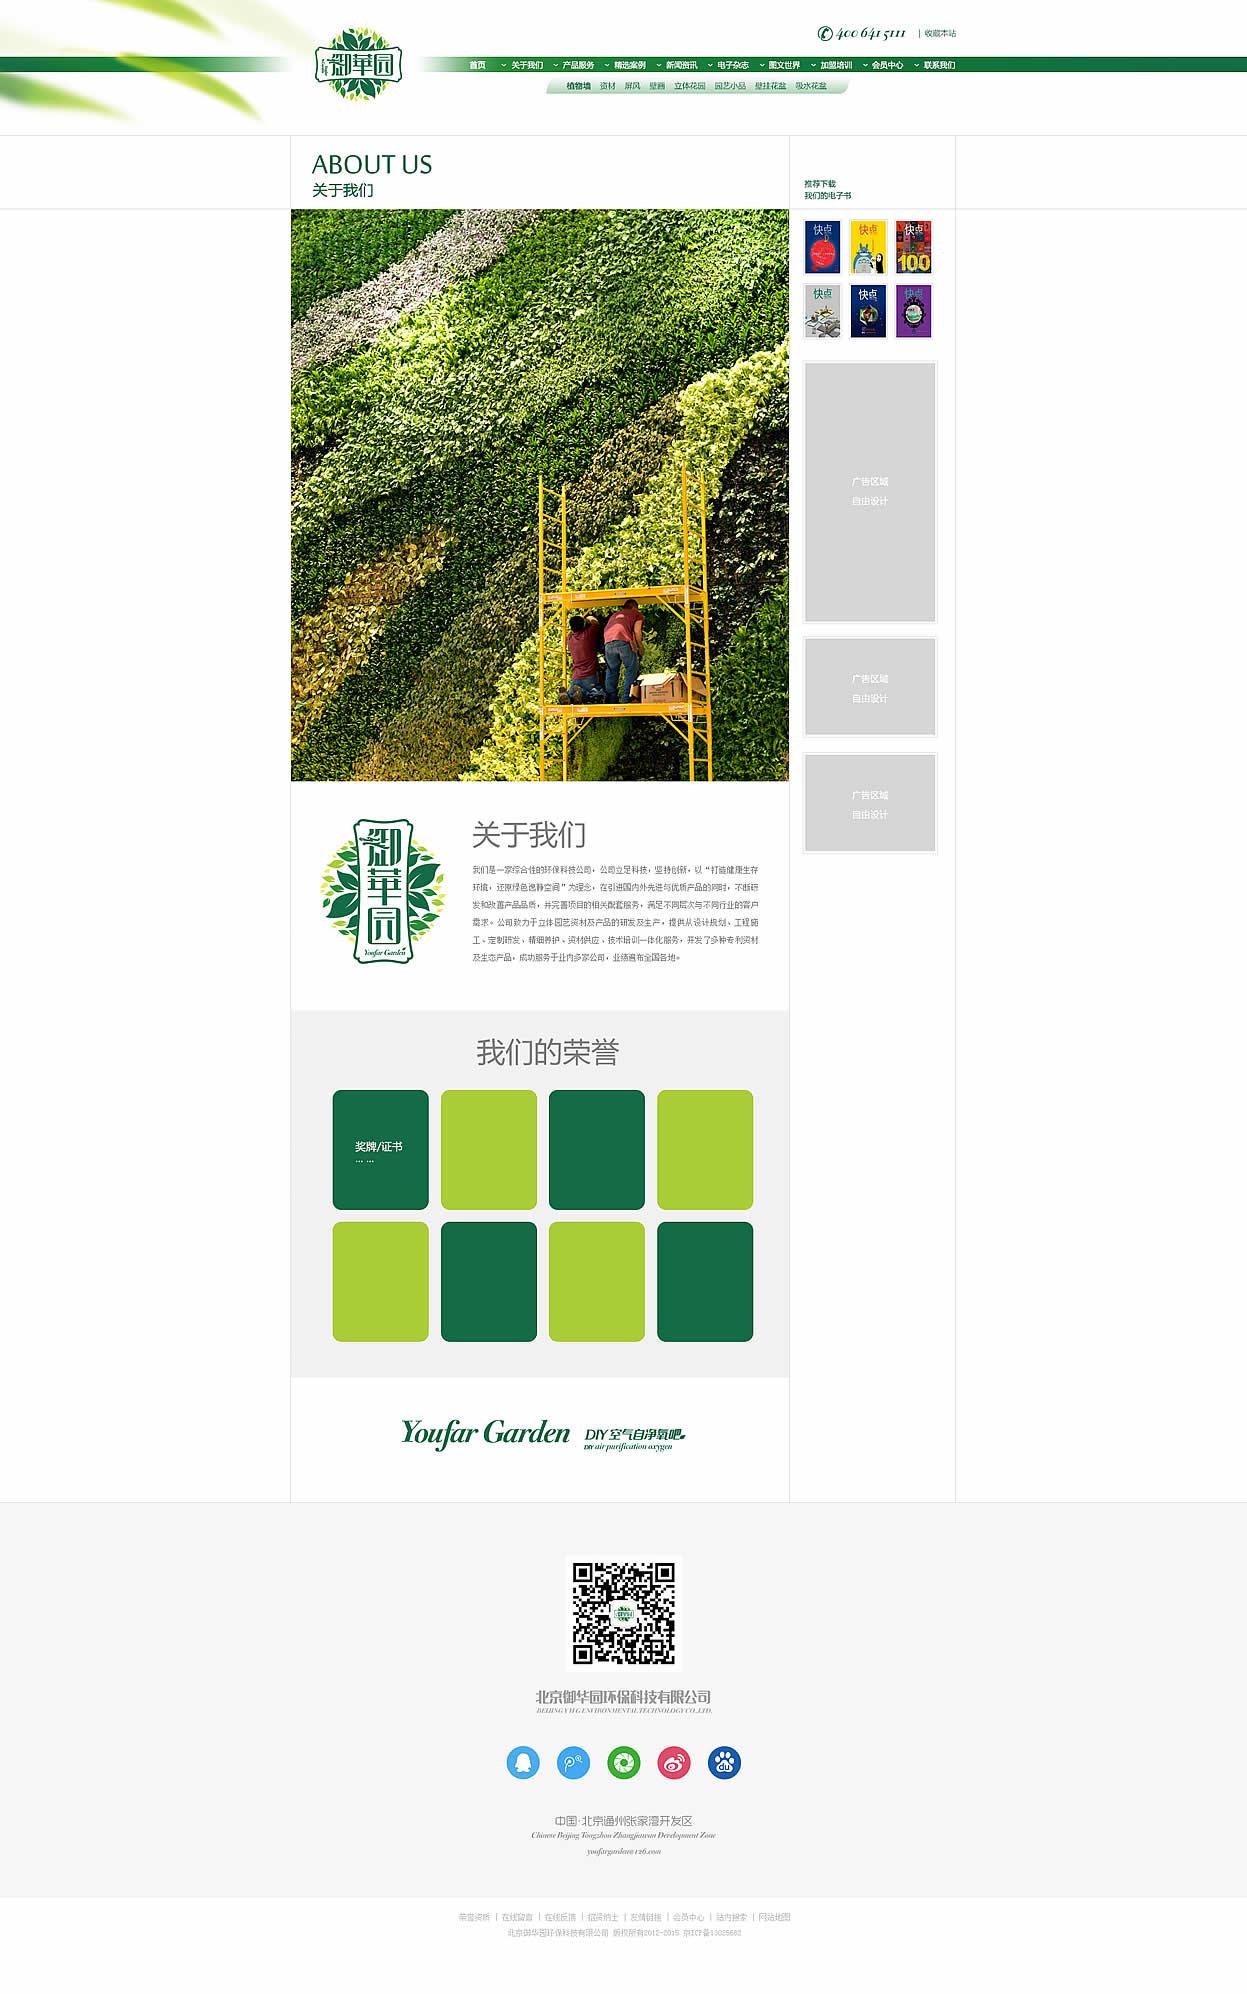 北京植物墙公司公司简介效果图